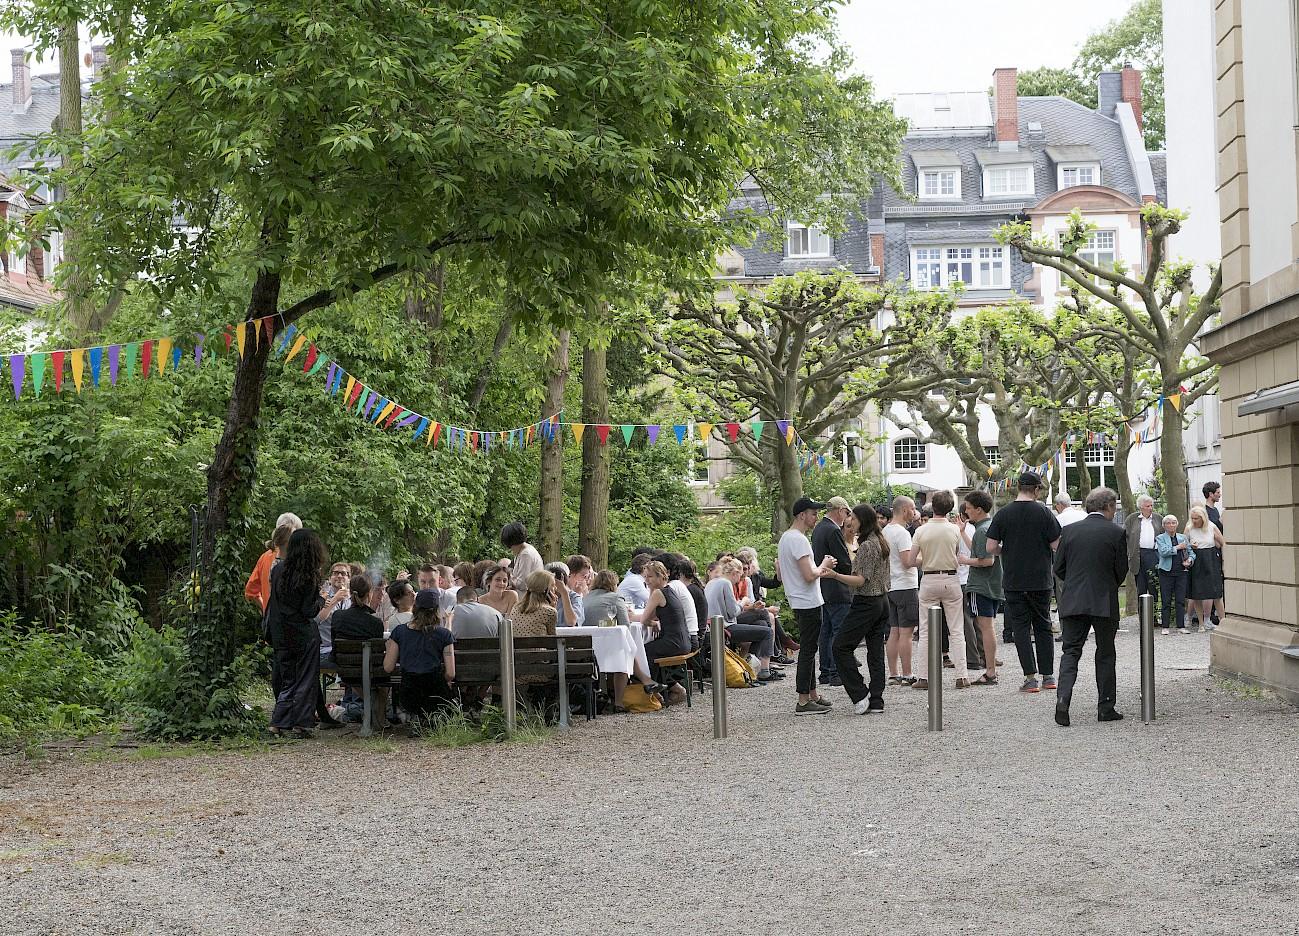 Jubiläum 200 Jahre Städelschule, Foto: Wolfgang Günzel, 2017